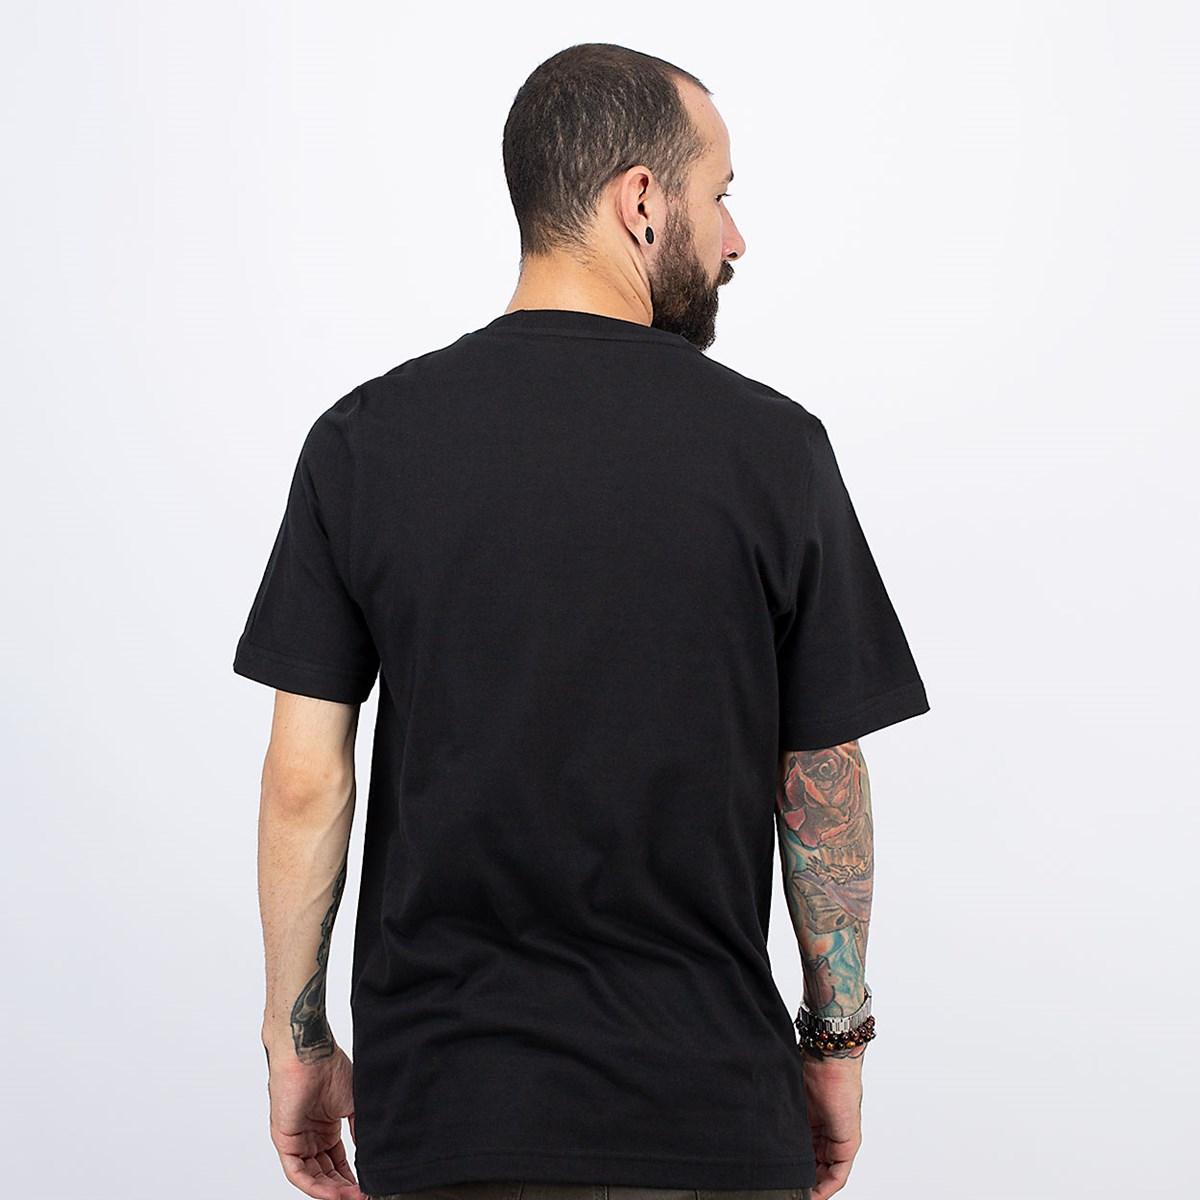 Camiseta adidas Adicolor Classics Trefoil Black White GN3462